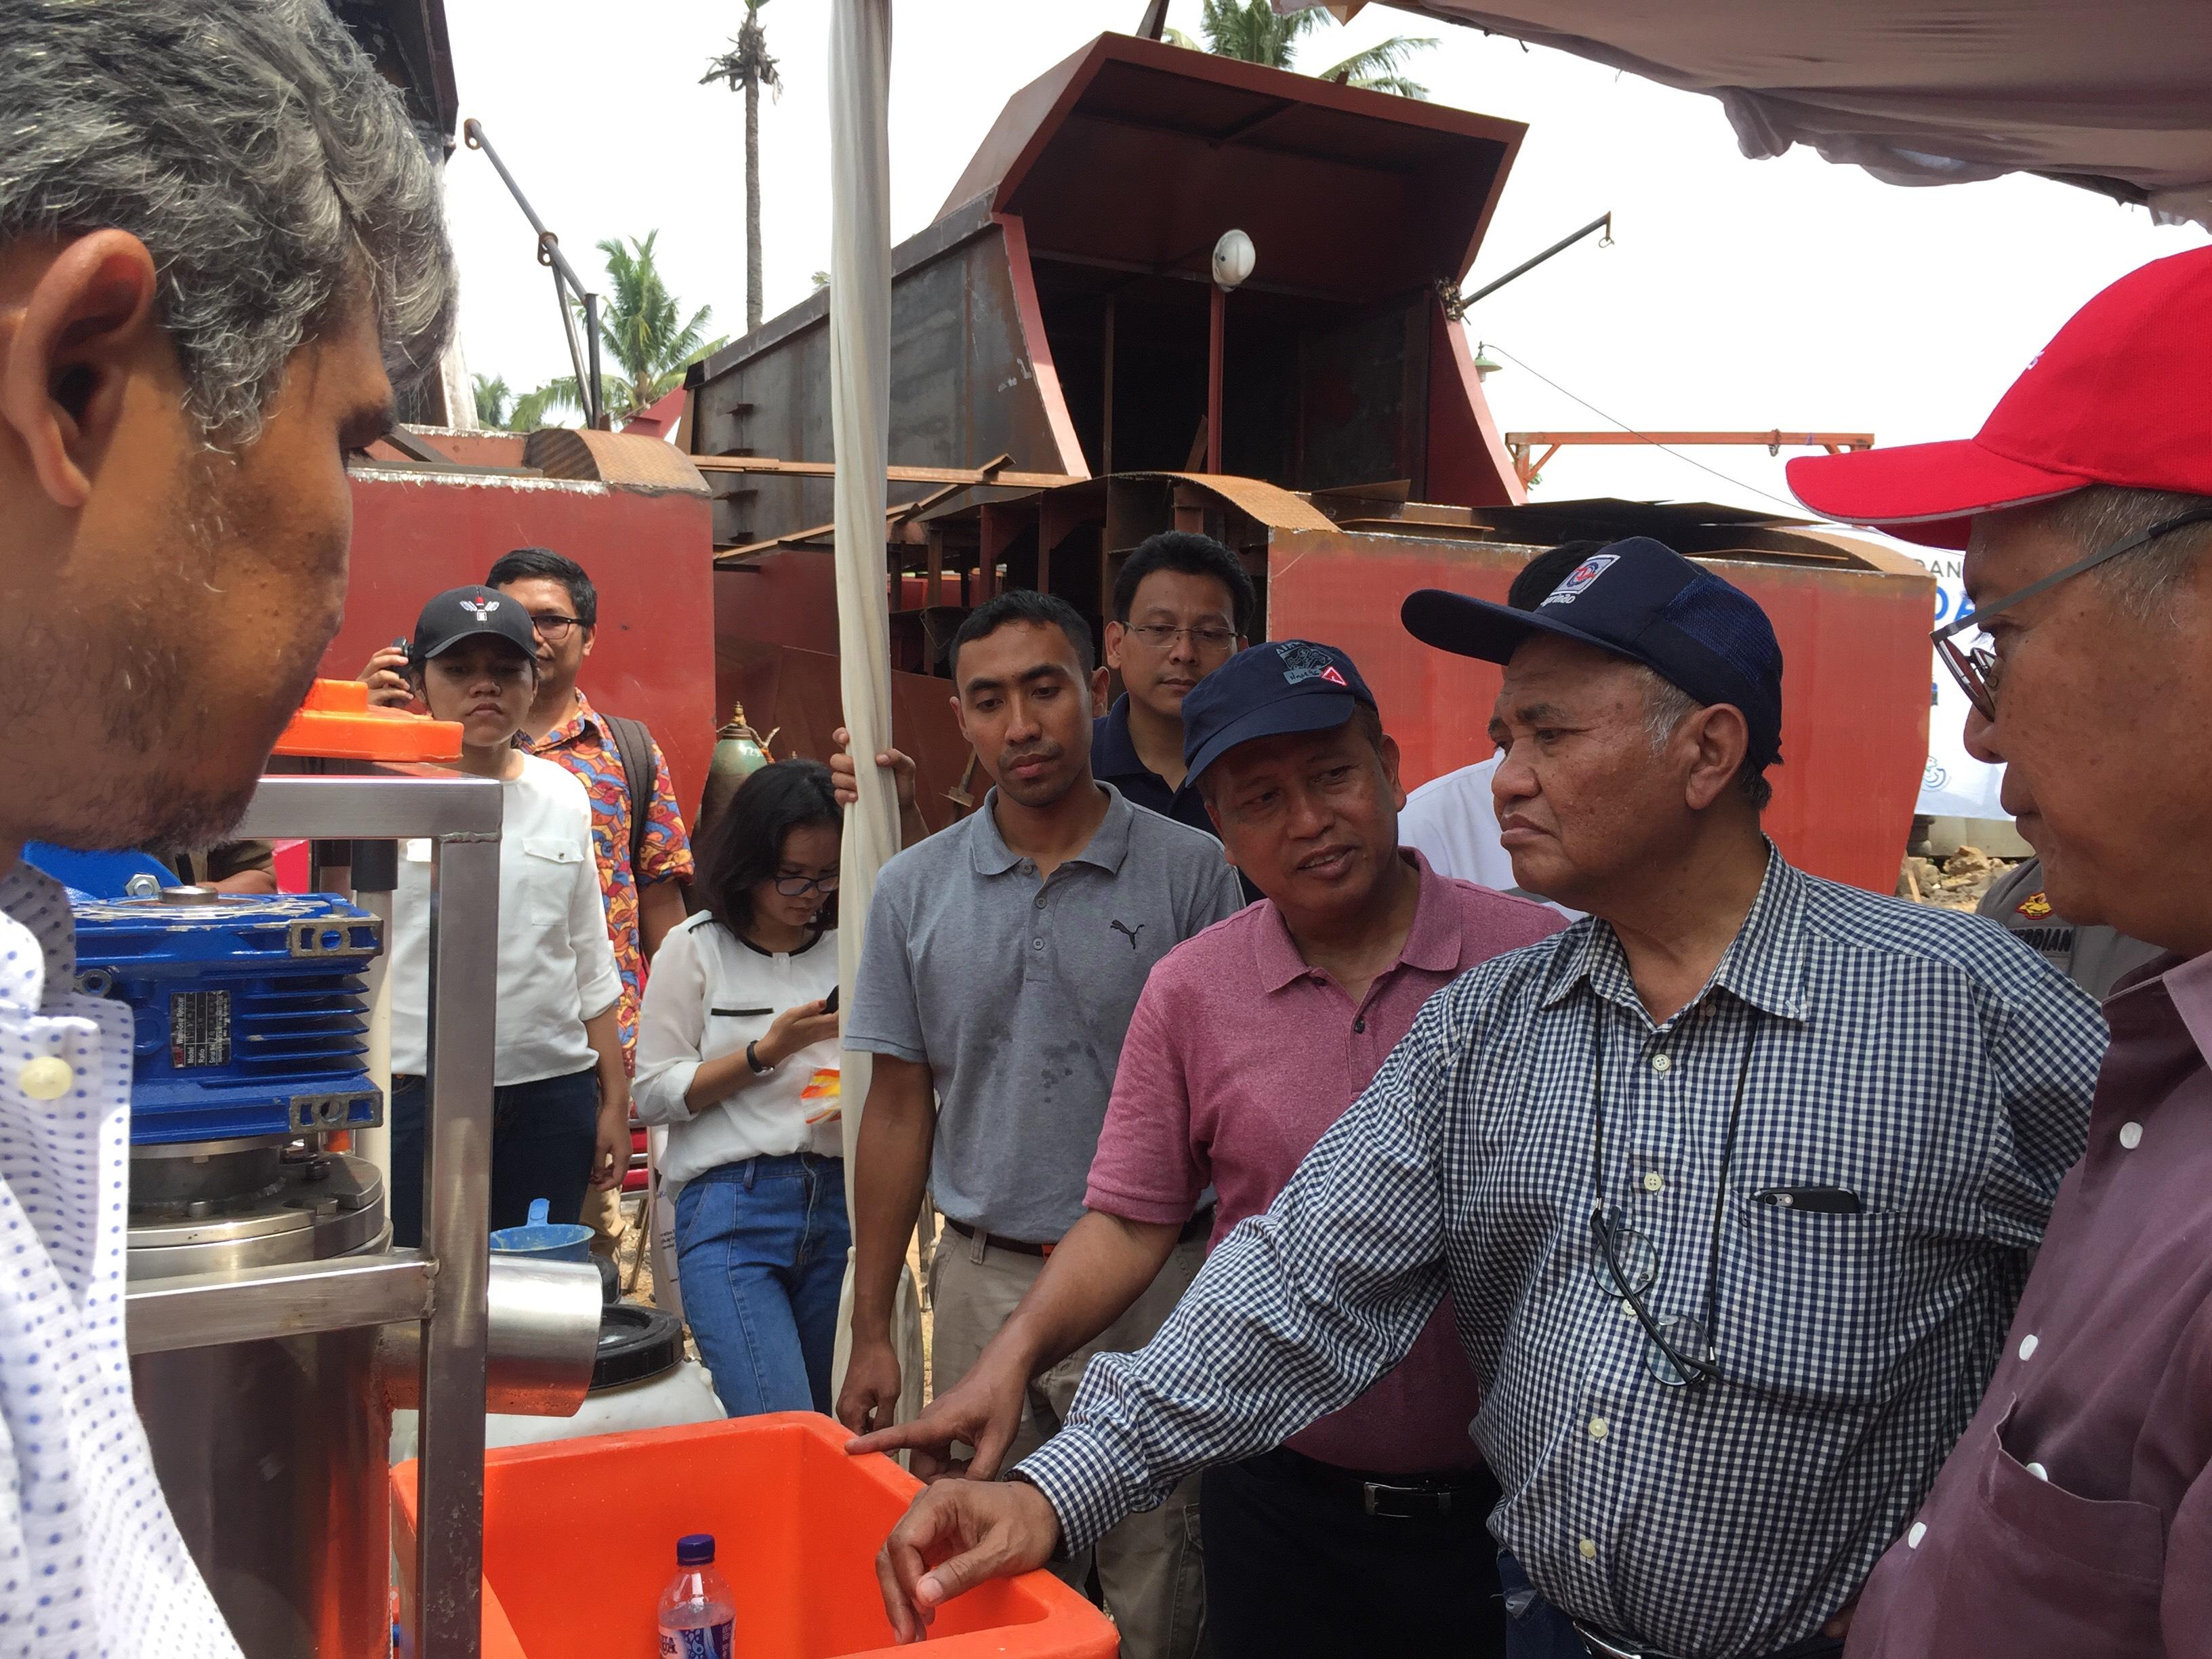 Menristekdikti Uji Coba Kapal Pelat Datar yang Diproduksi di Pakuhaji Tangerang